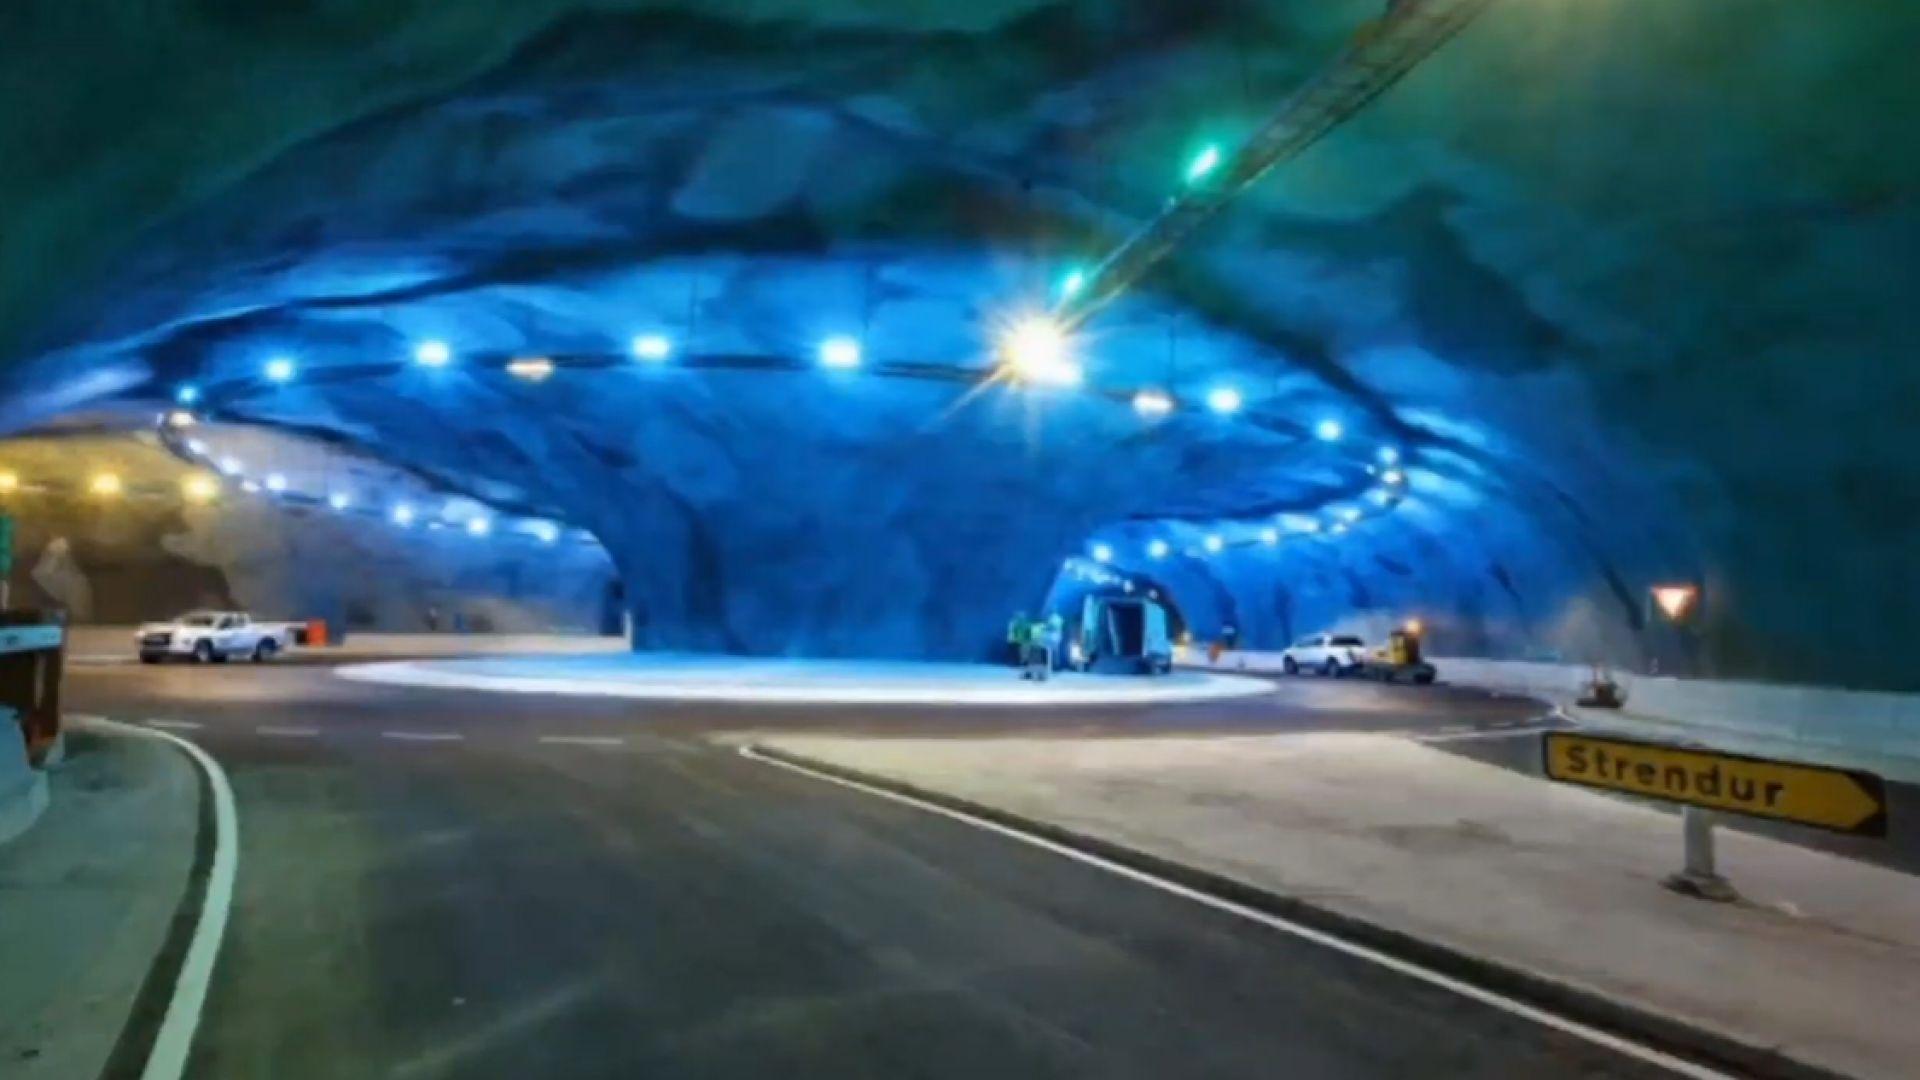 На Фарьорските острови бе открит 11,2-километров подводен пръстеновиден път (видео)